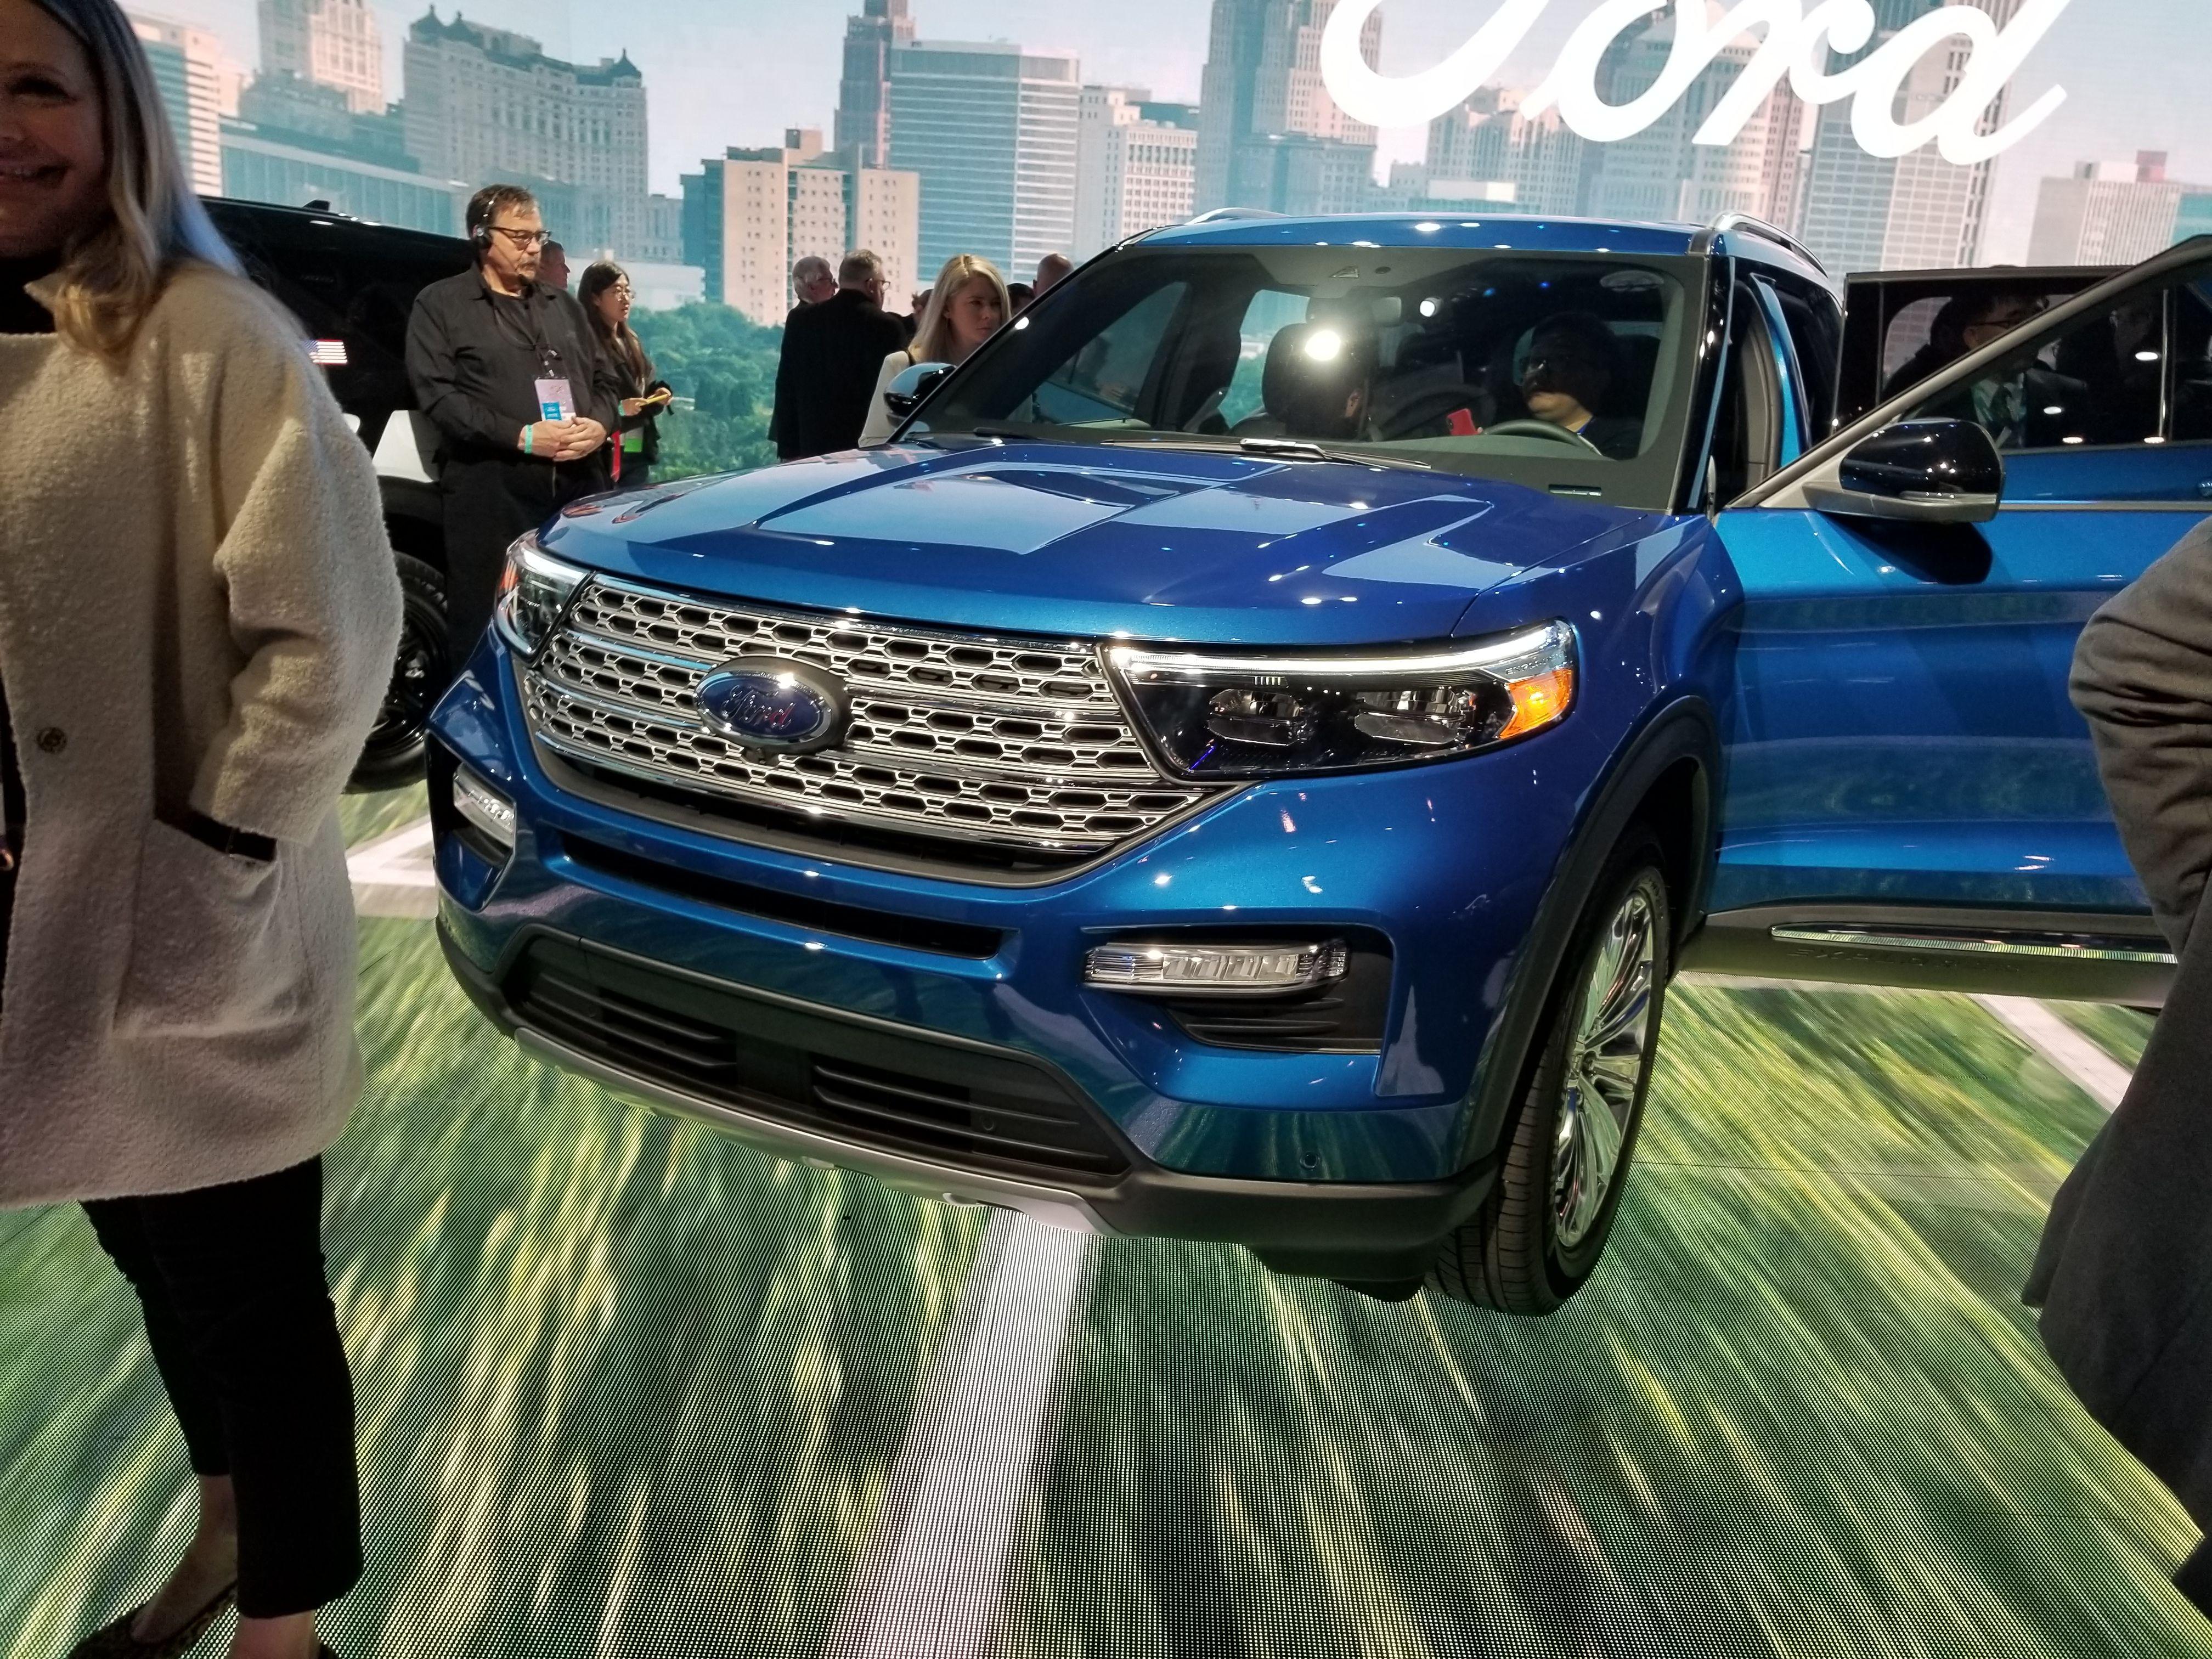 2020 Ford Explorer Hybrid Promises 500 Miles Range 2020 Ford